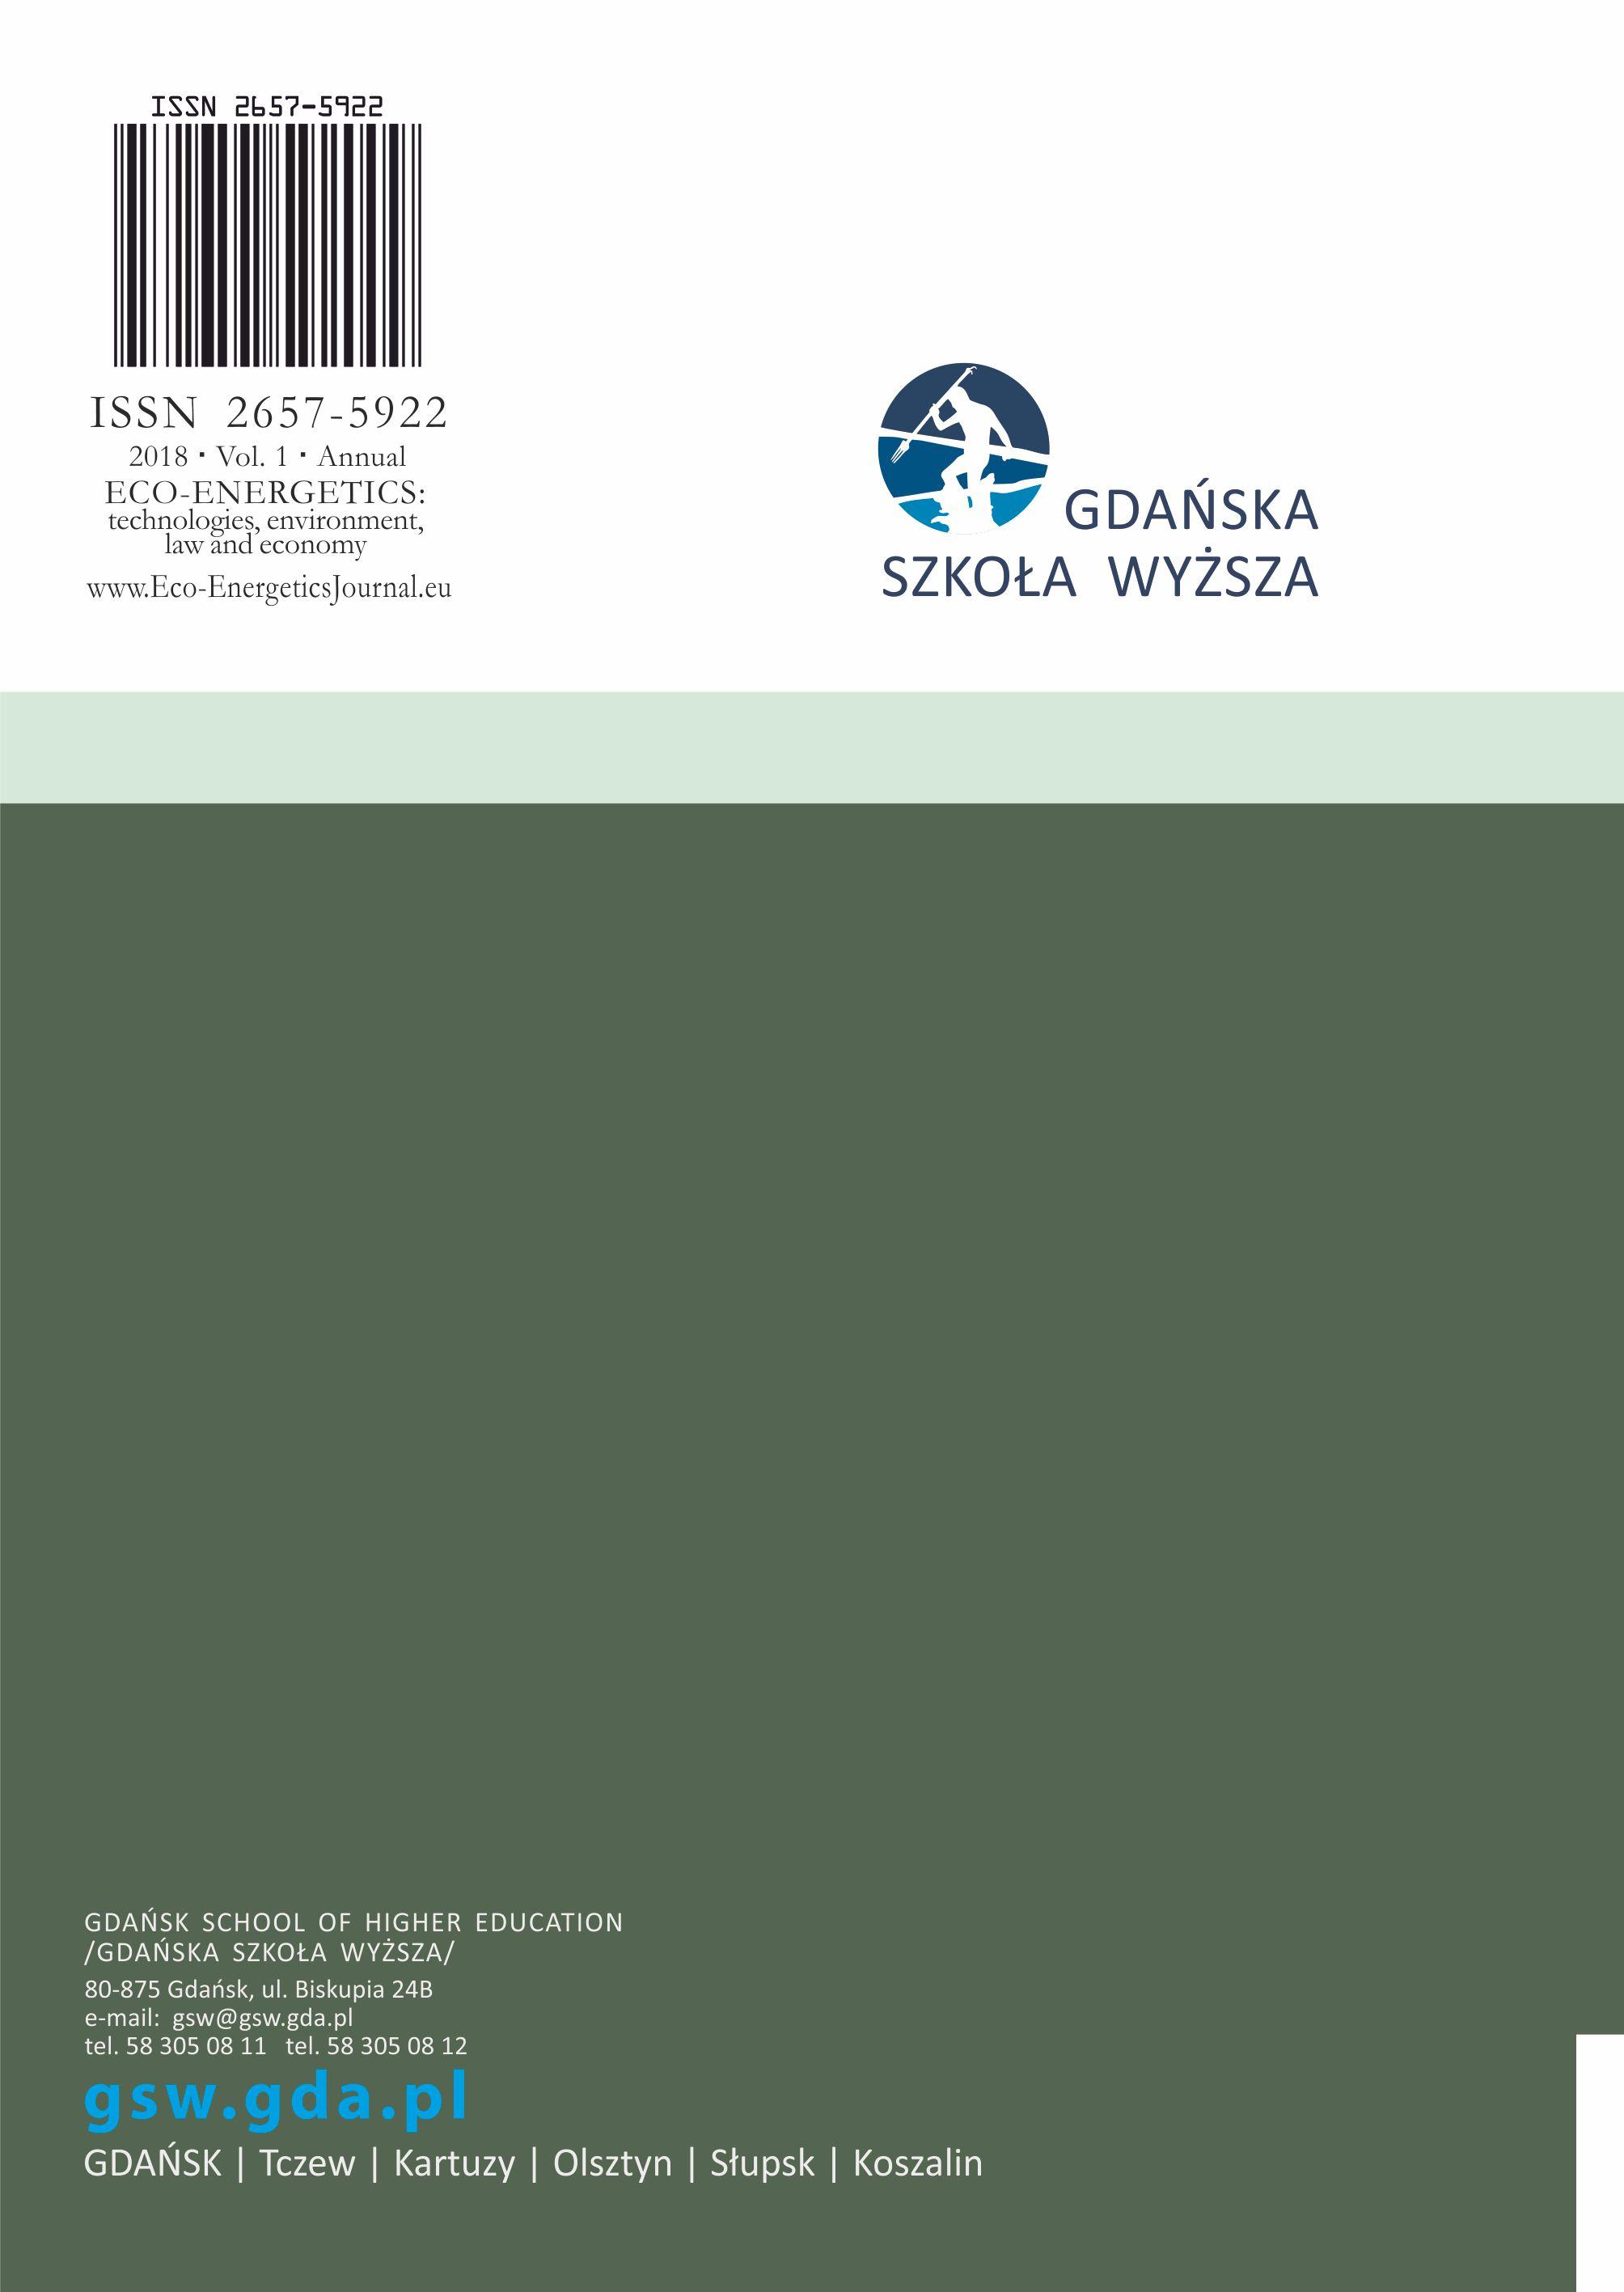 Eco-Energetics, vol. 1 - ostatnia strona okładki